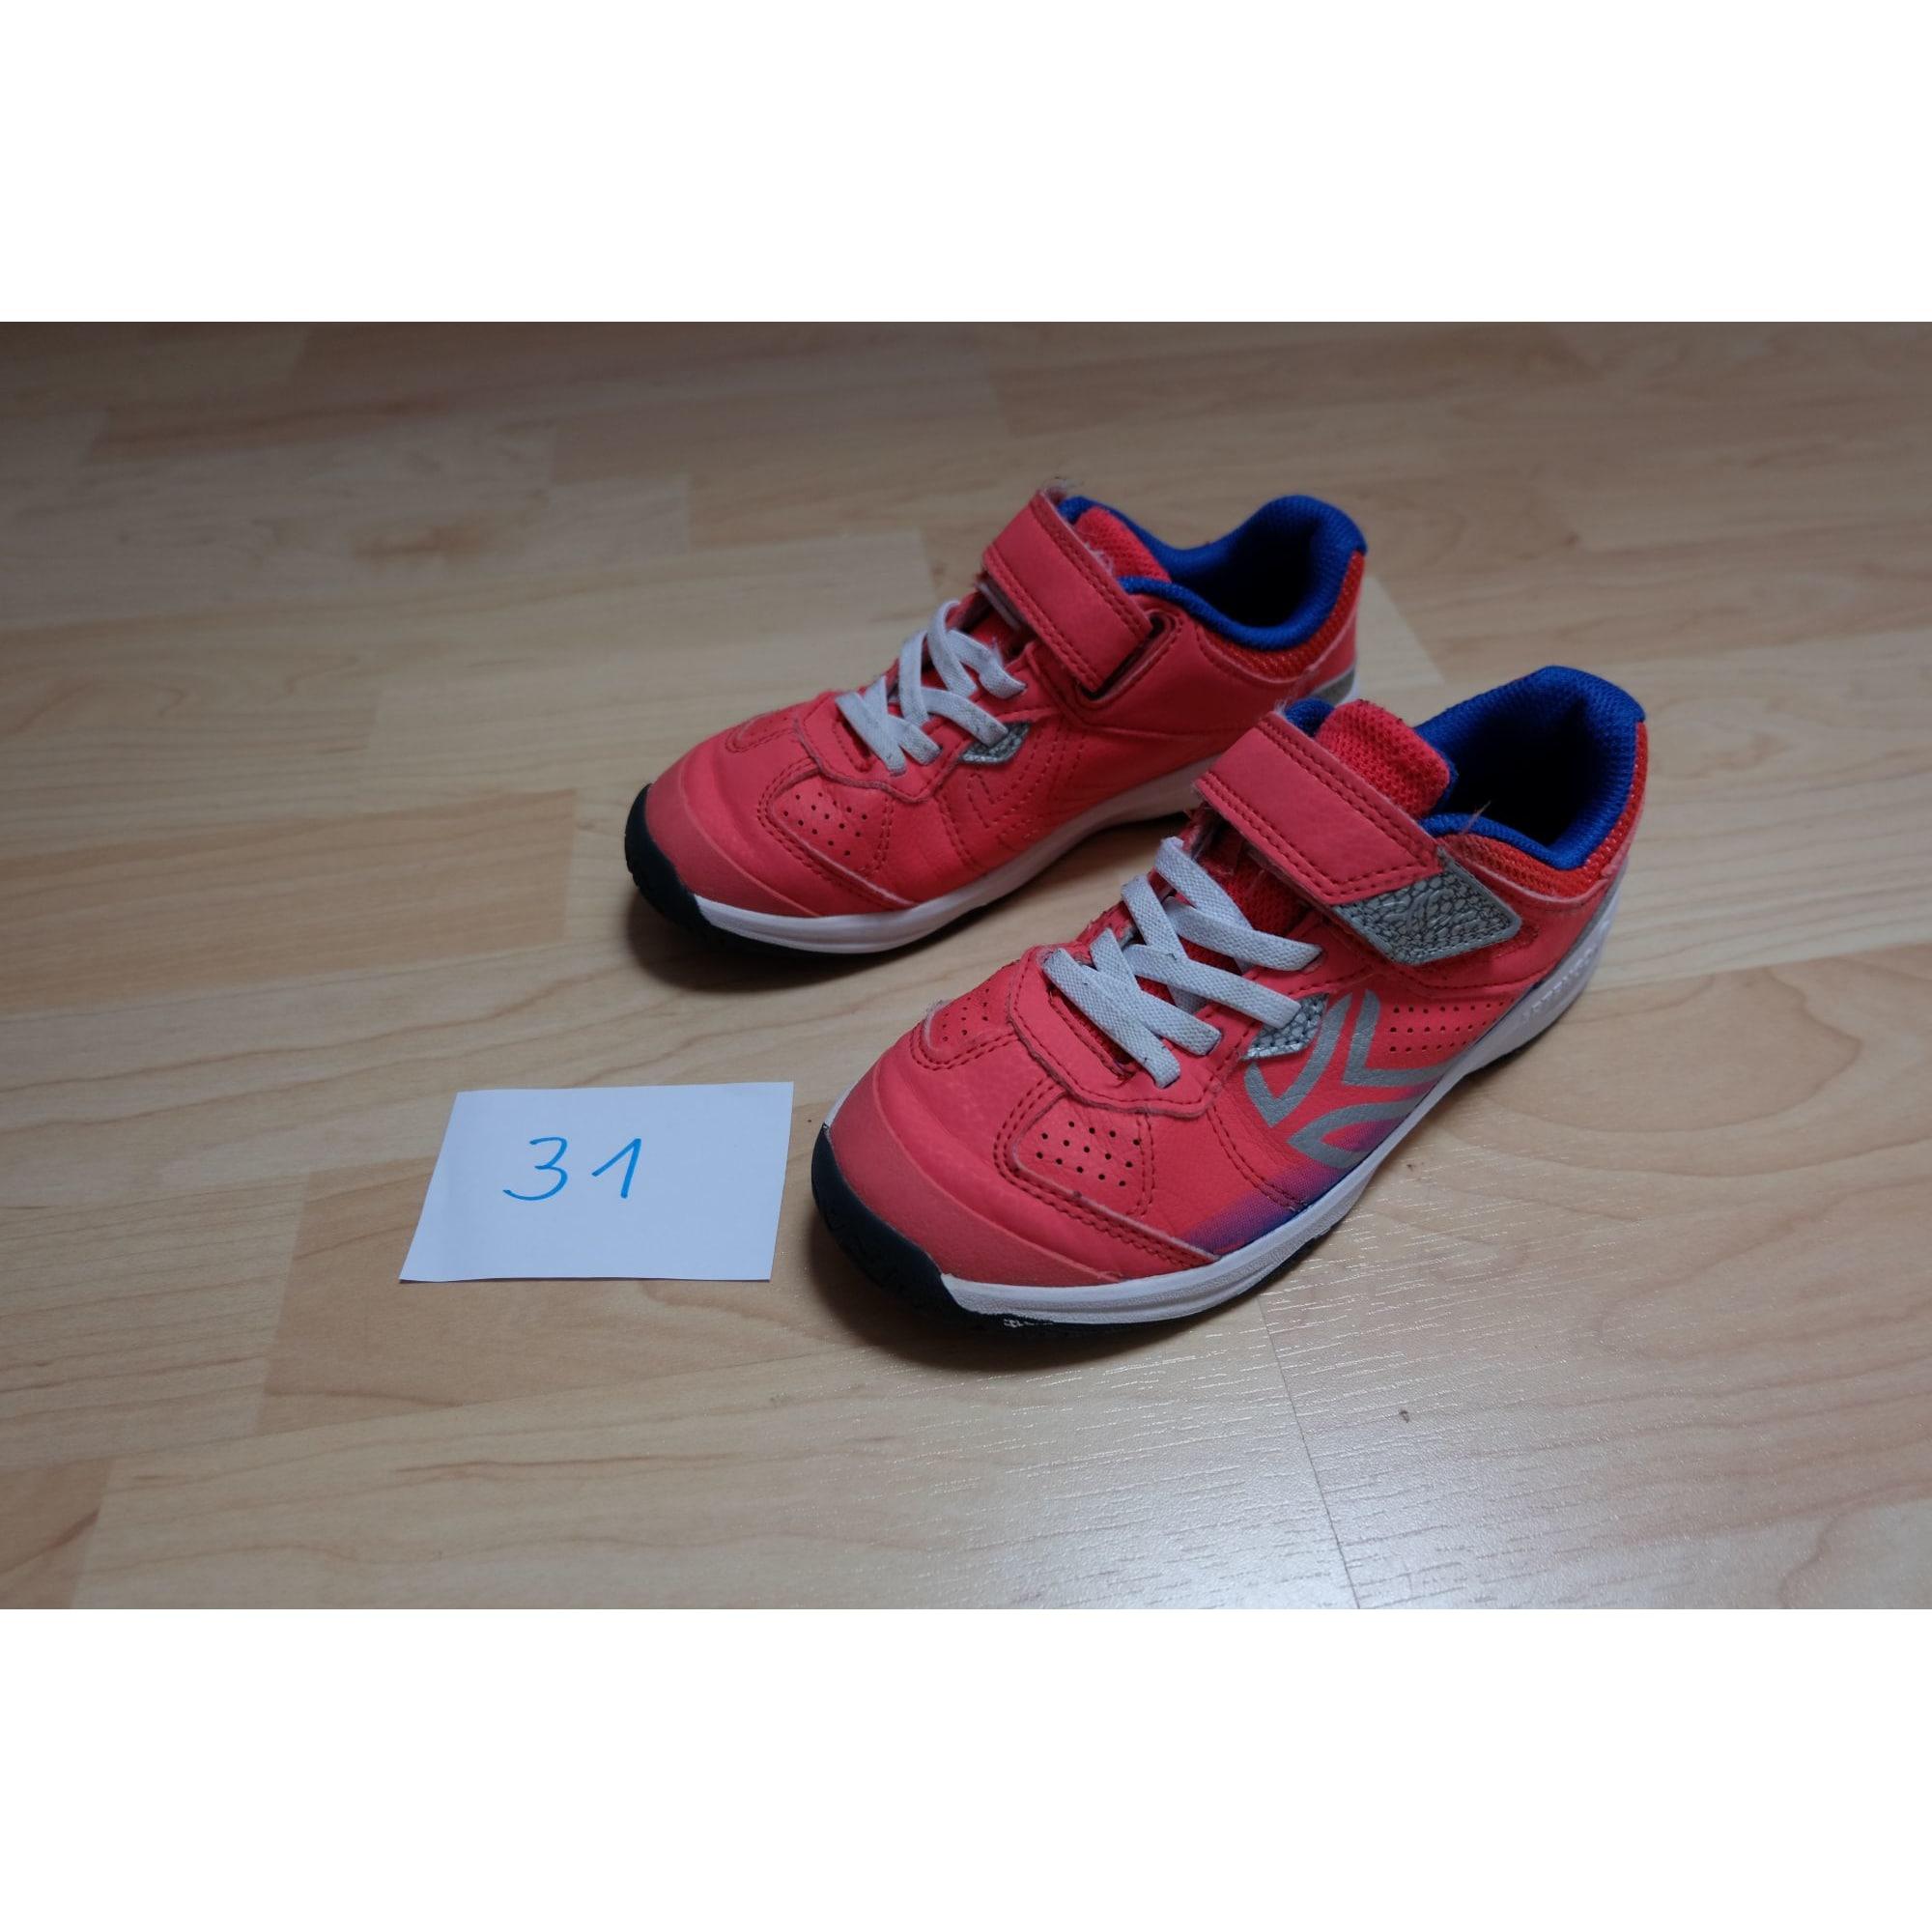 d4c2ab67153e0 Décathlon Chaussures 7932041 Sport De Rose 31 wkPnO0